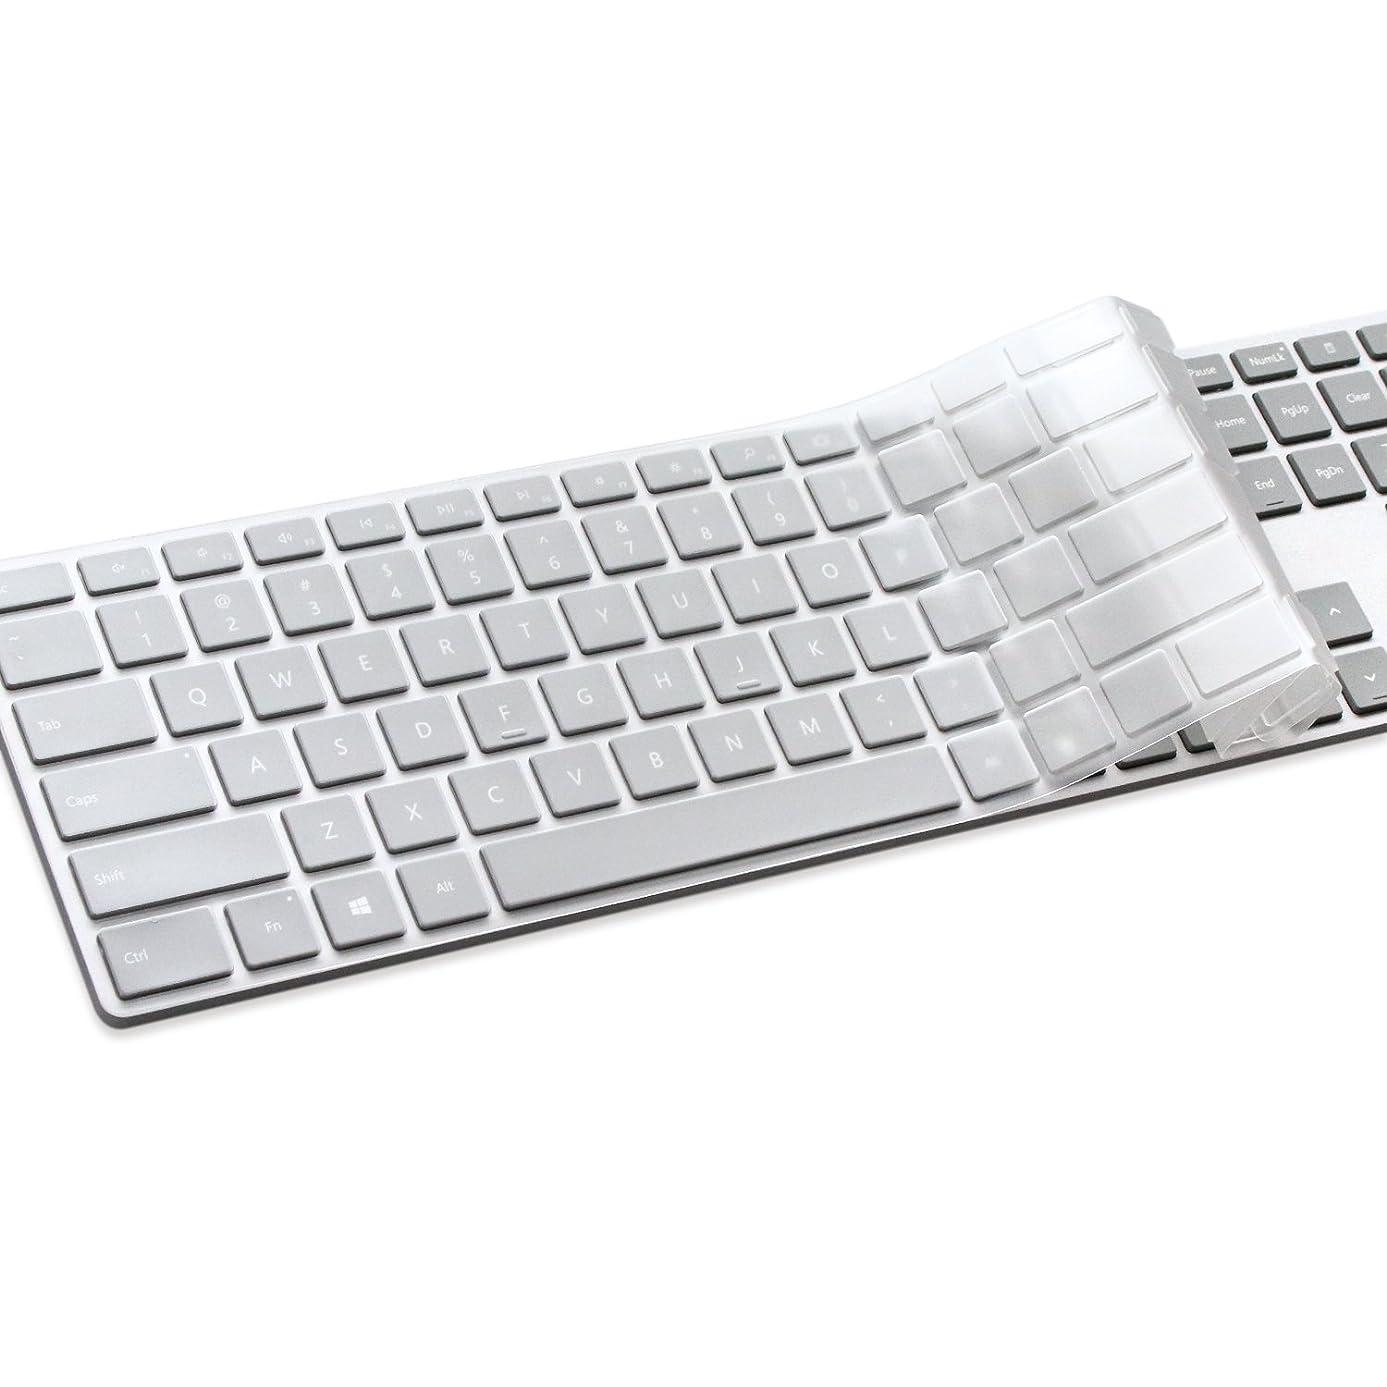 MasiBloom TPU Keyboard Cover Ultra Thin Keyboard Skin for Microsoft Surface Keyboard WS2-00025 and Microsoft Modern Keyboard with Fingerprint ID EKZ-00001 (1 PCS Keyboard Skin, TPU- Clear)